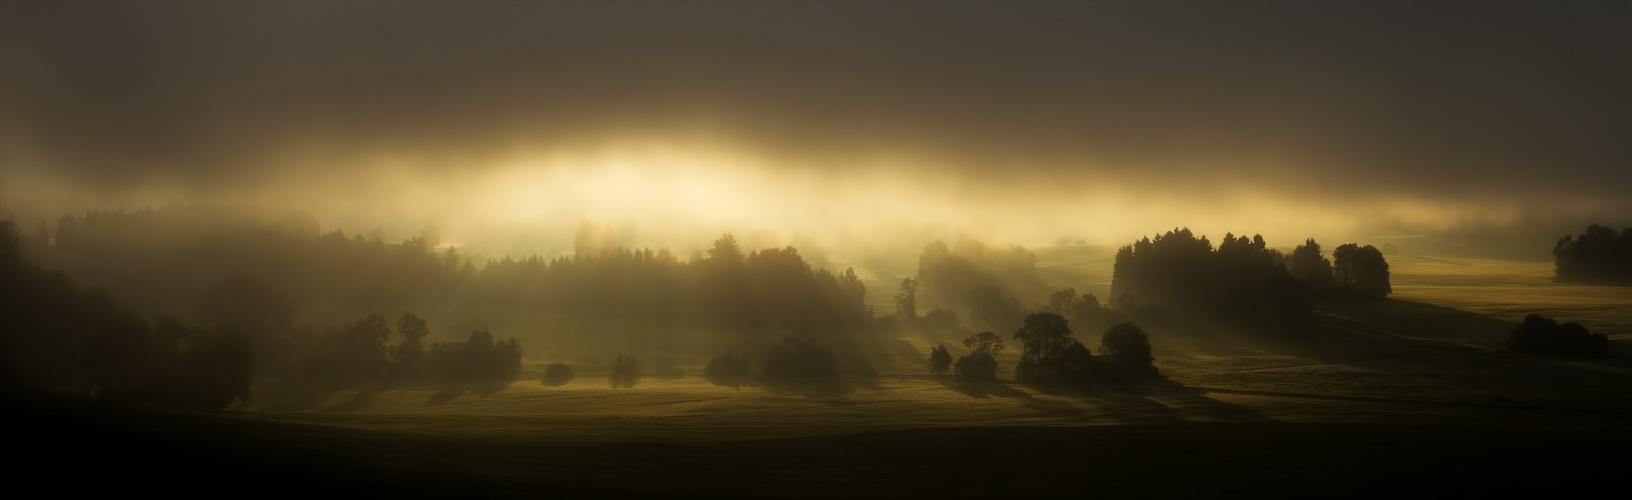 Morgensonne bei Hopferau